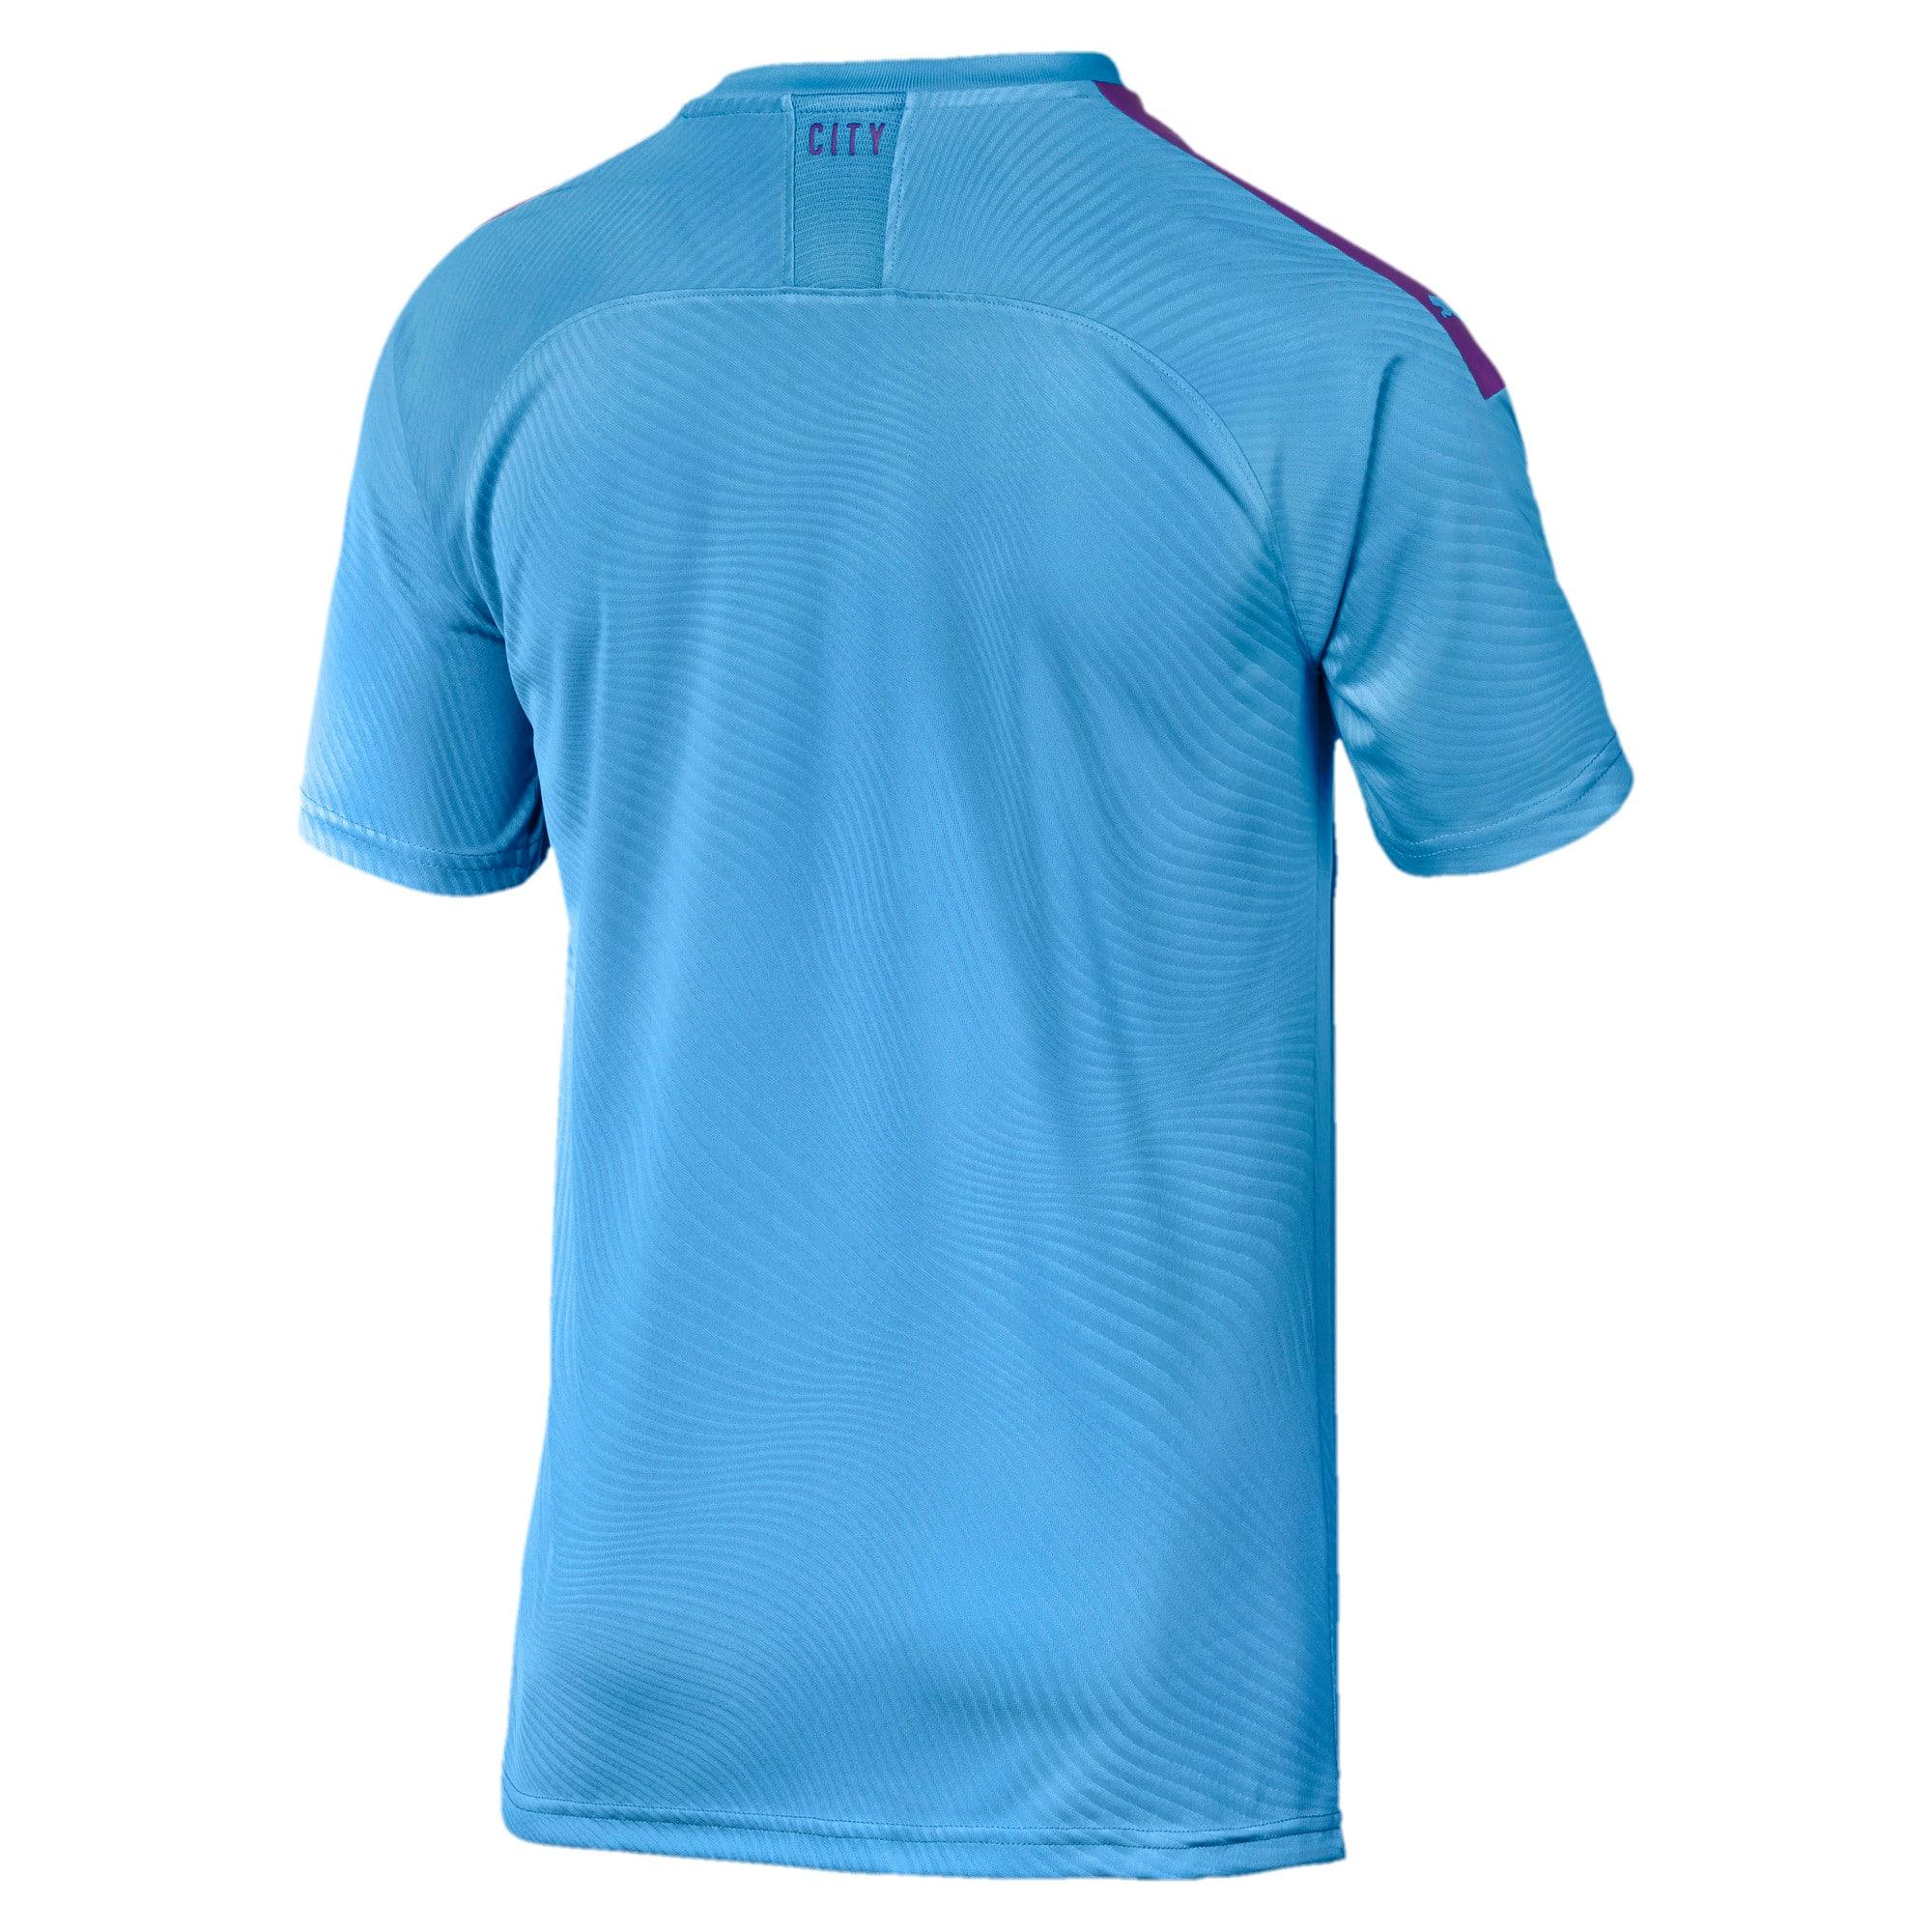 Miniatura 2 de Camiseta original de local de Manchester City FC para hombre, TeamLightBlue-TillandsiaPurp, mediano